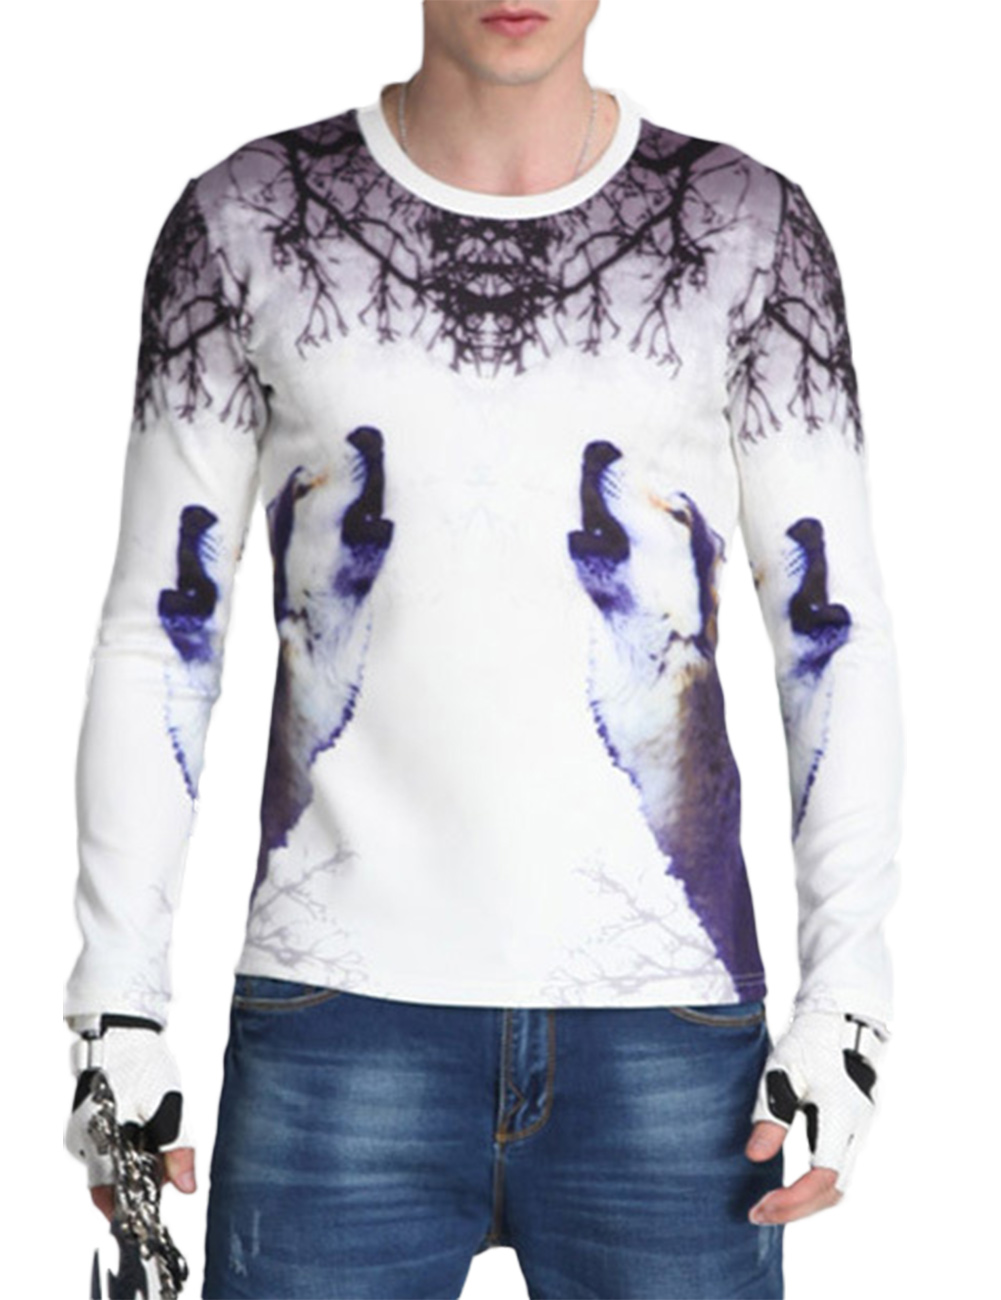 [US Direct] Men's Fashion Slim Long Sleeve Digital Print T-shirt  White XL equal to American M